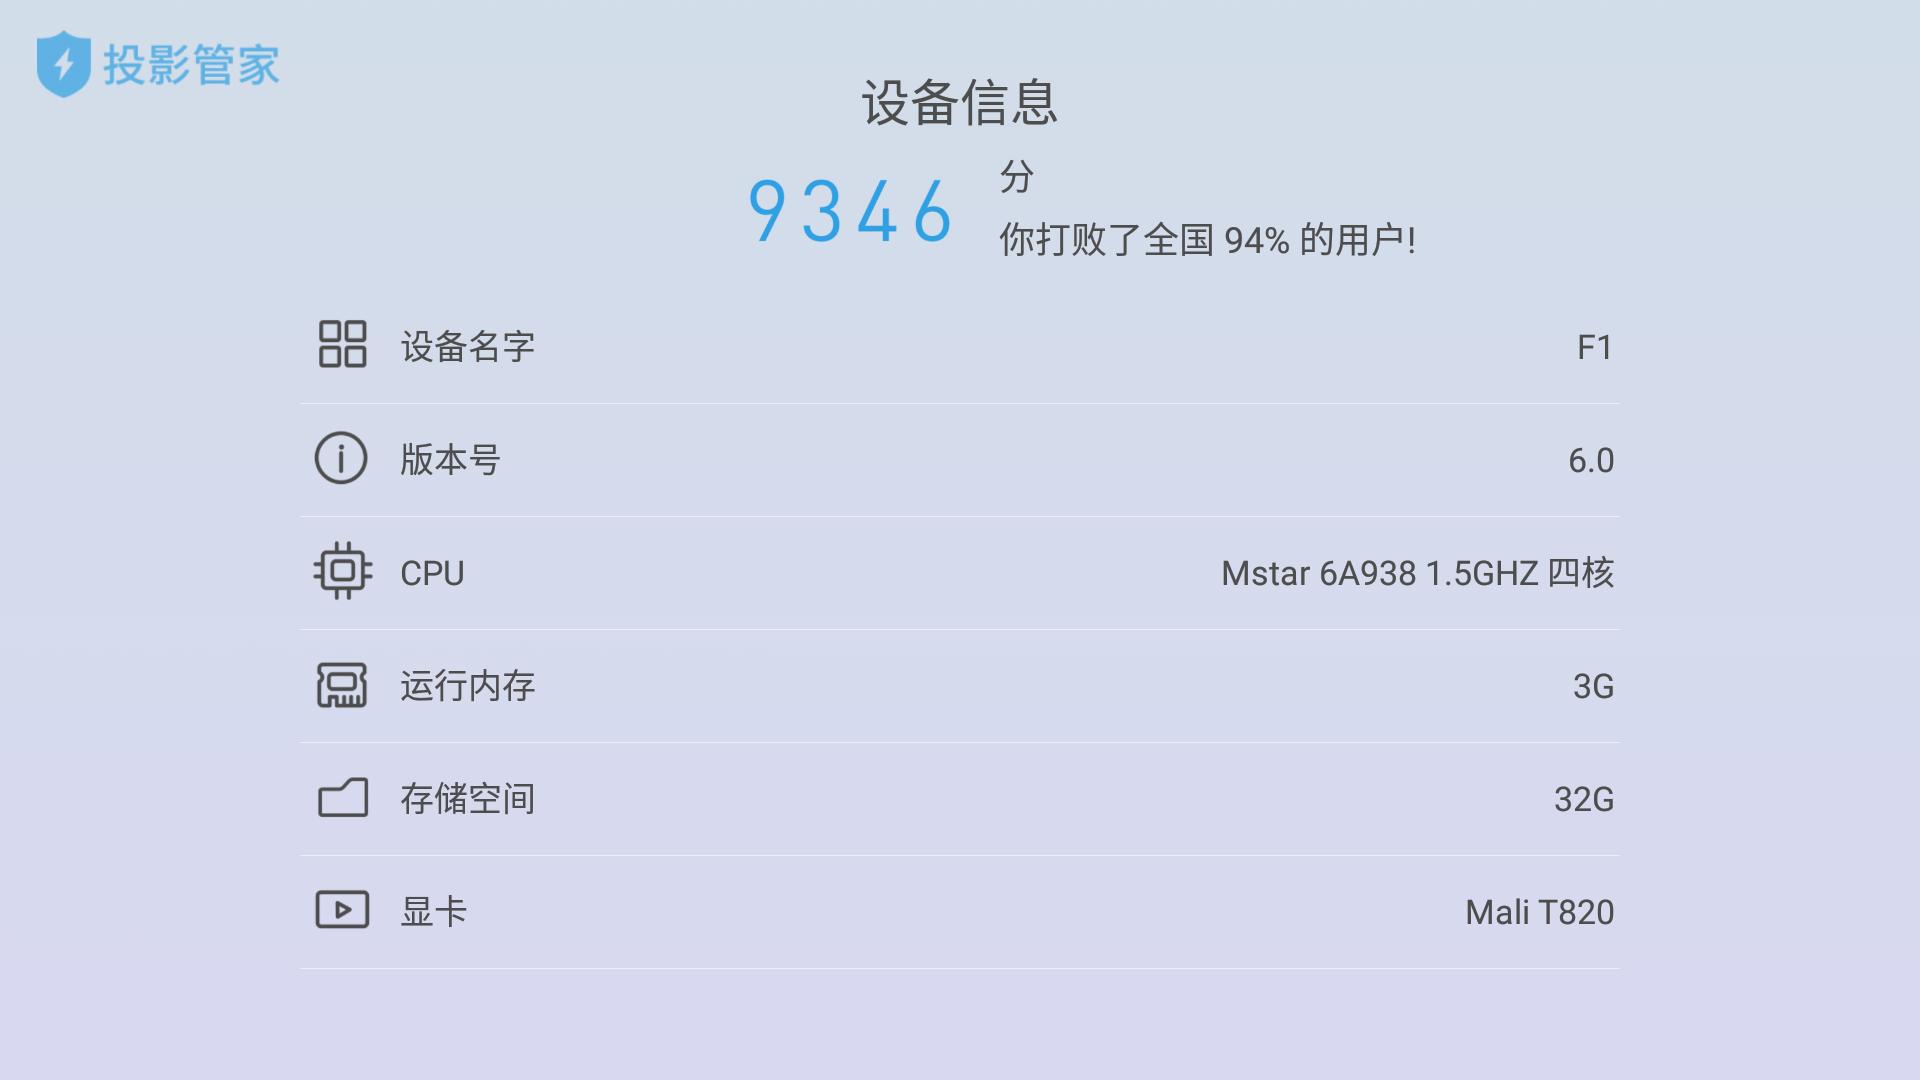 B27-Screenshot_20190125-162352.png